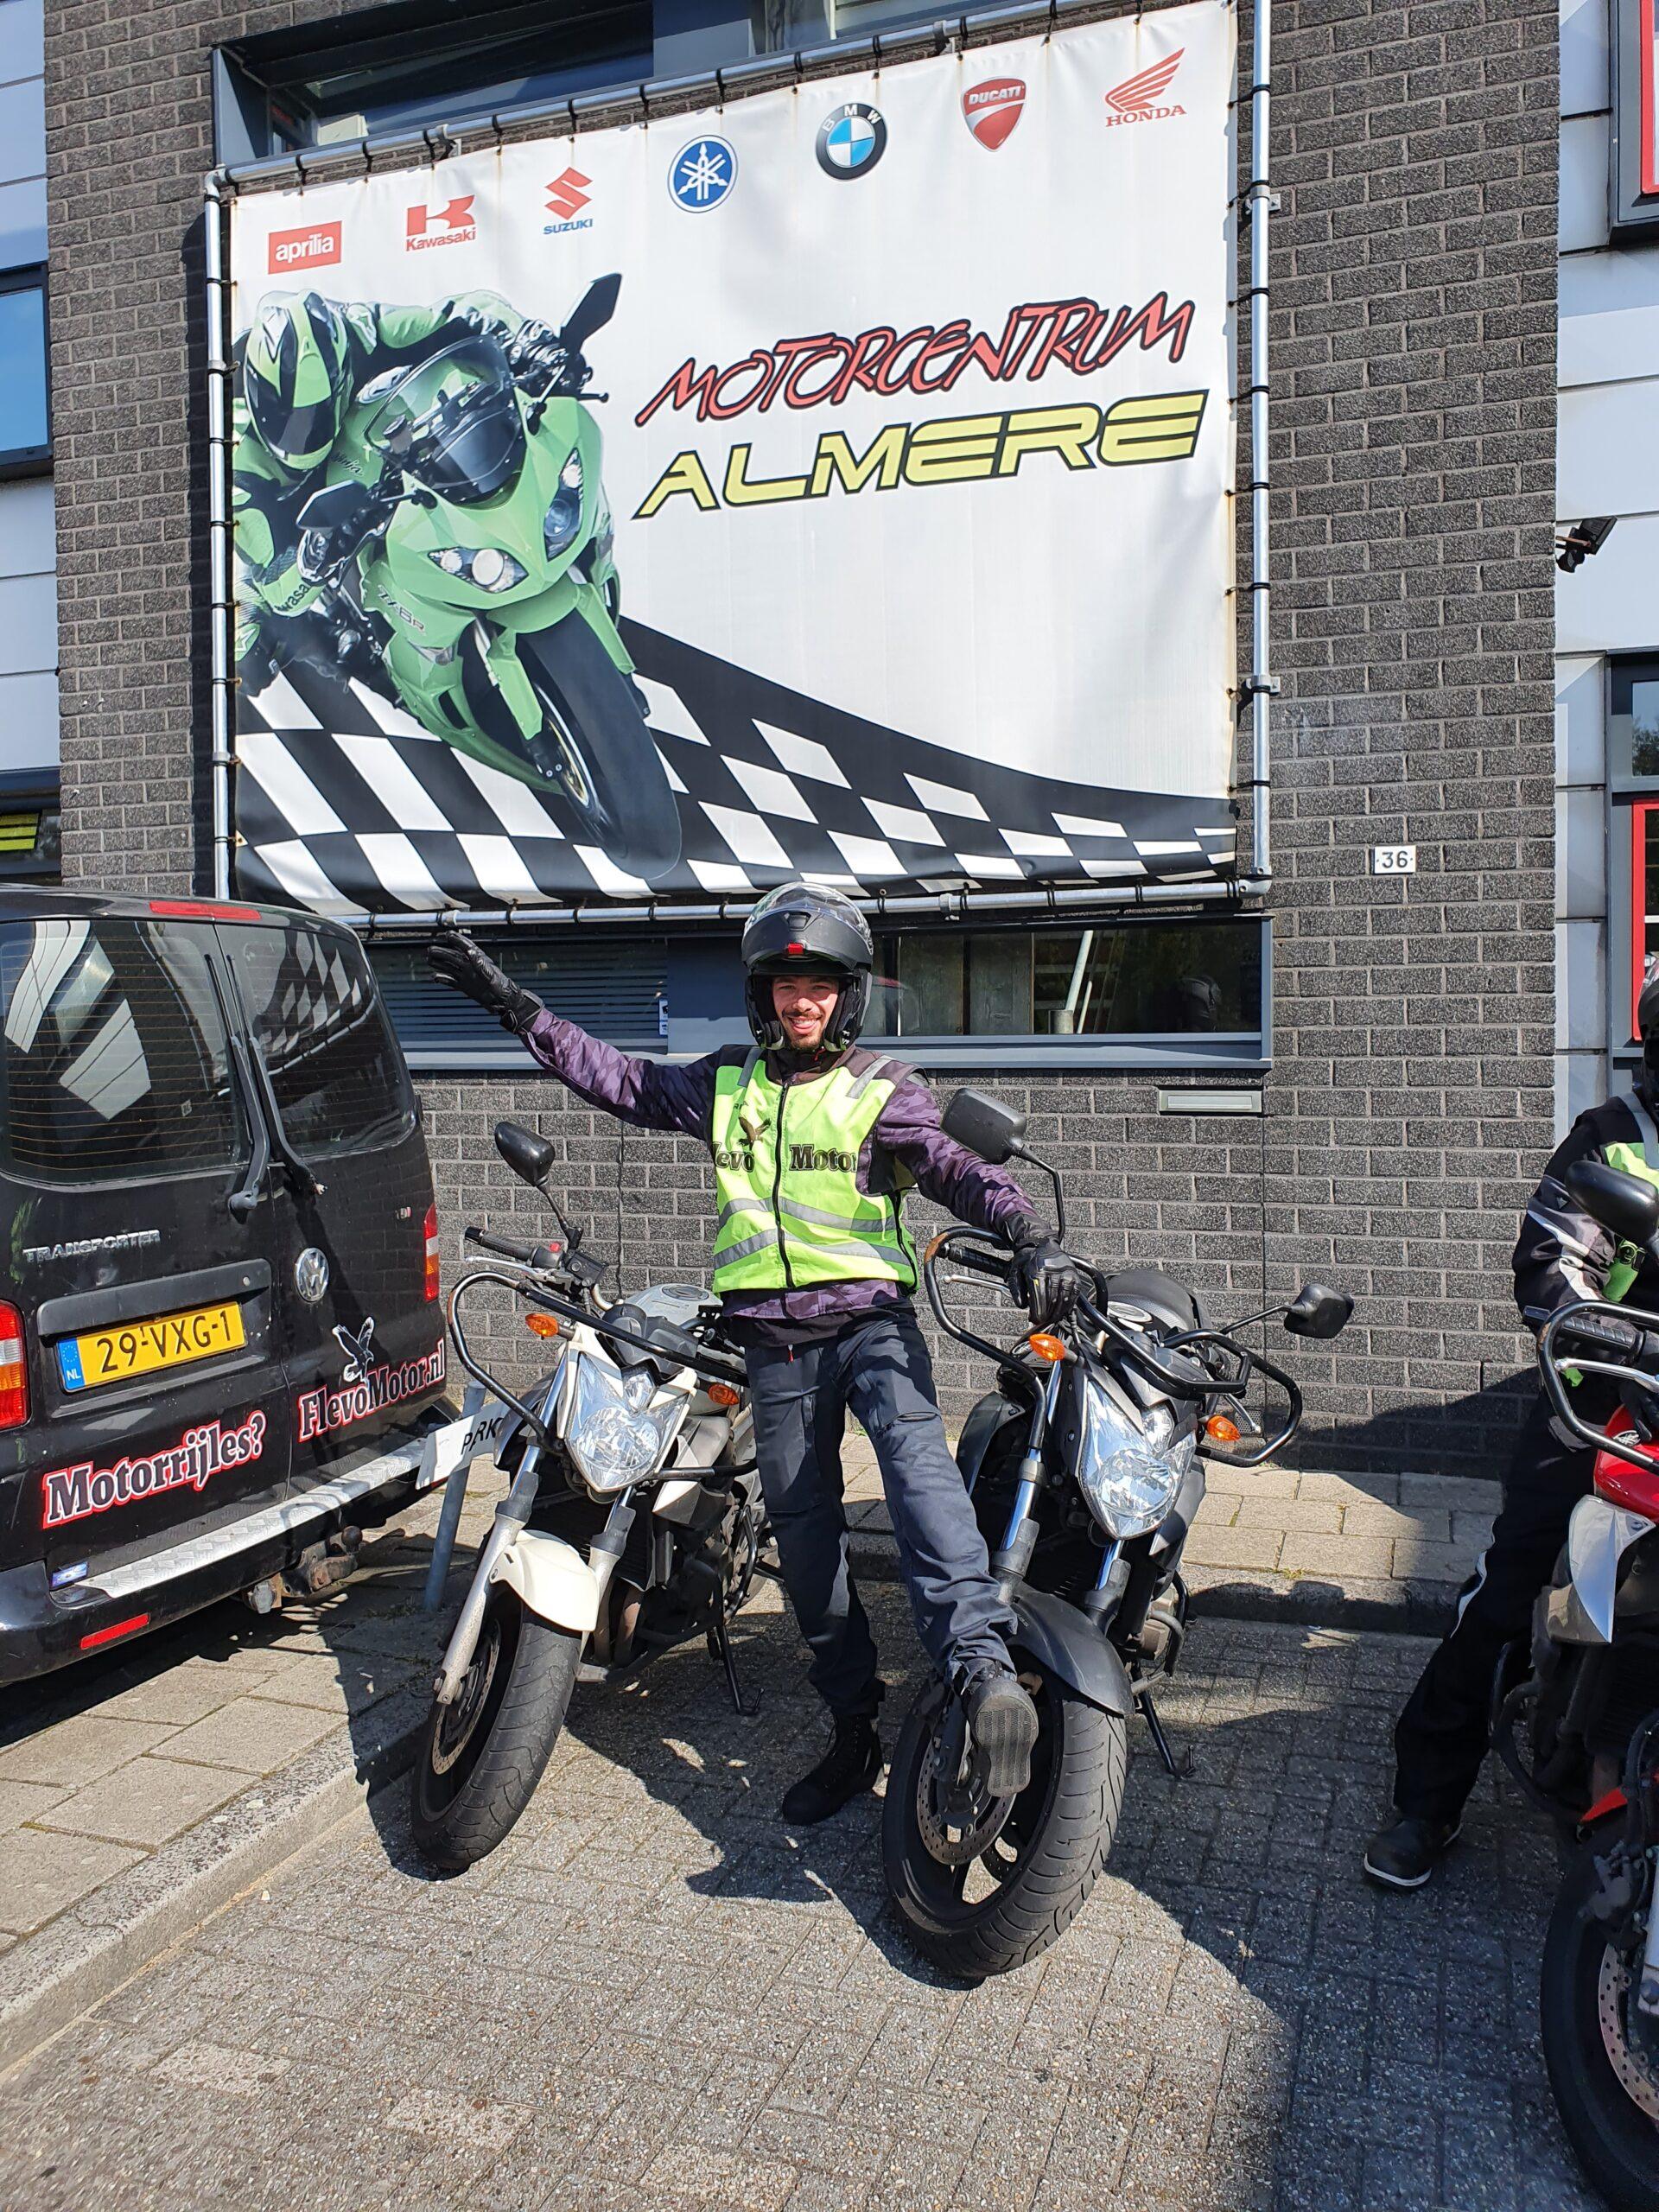 Alex ook bij FlevoMotor in een keer geslaagd voor zijn motorrijbewijs.